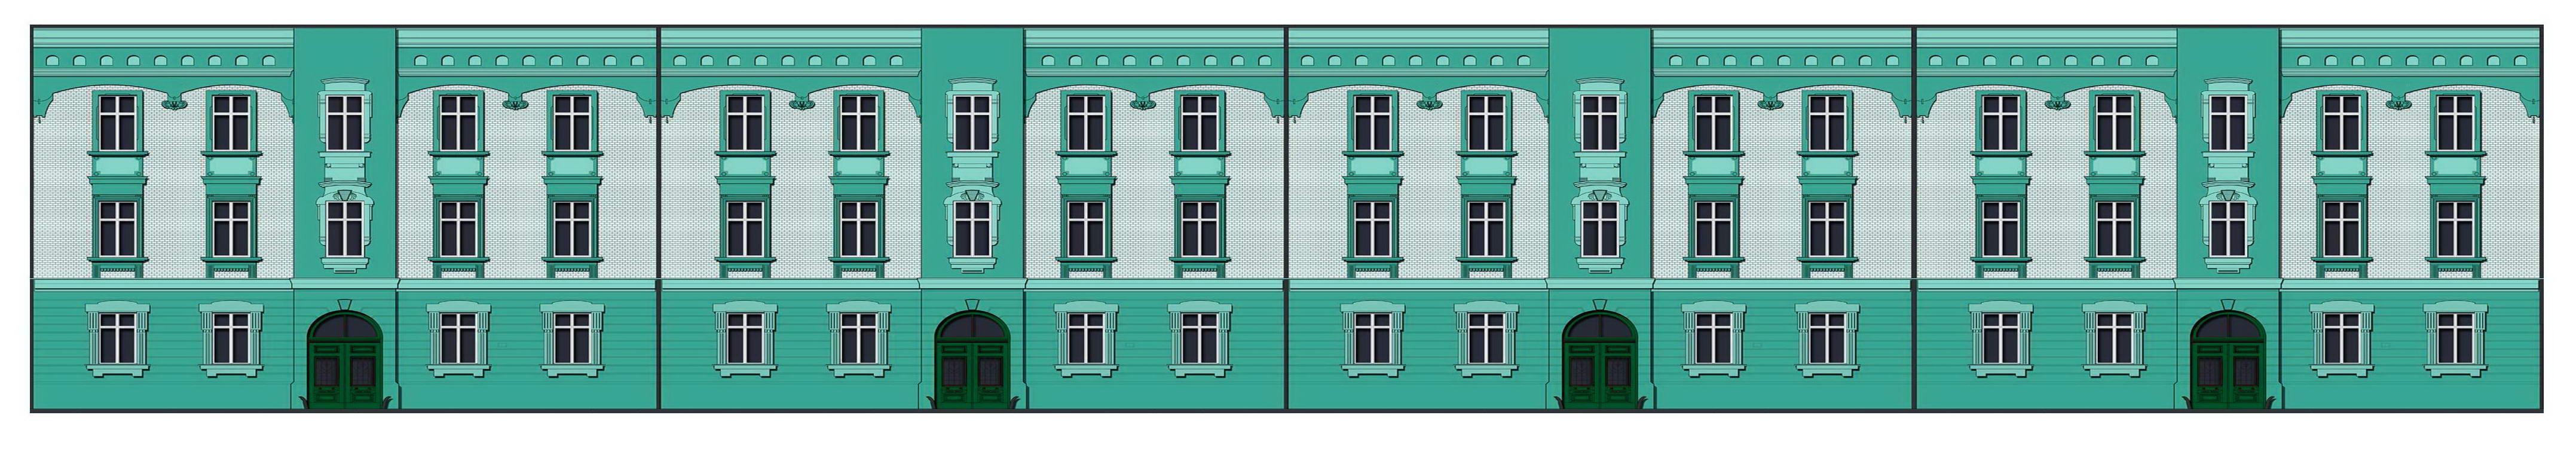 Пример технического задания Сбербанка 2016 г  Дом и Ко